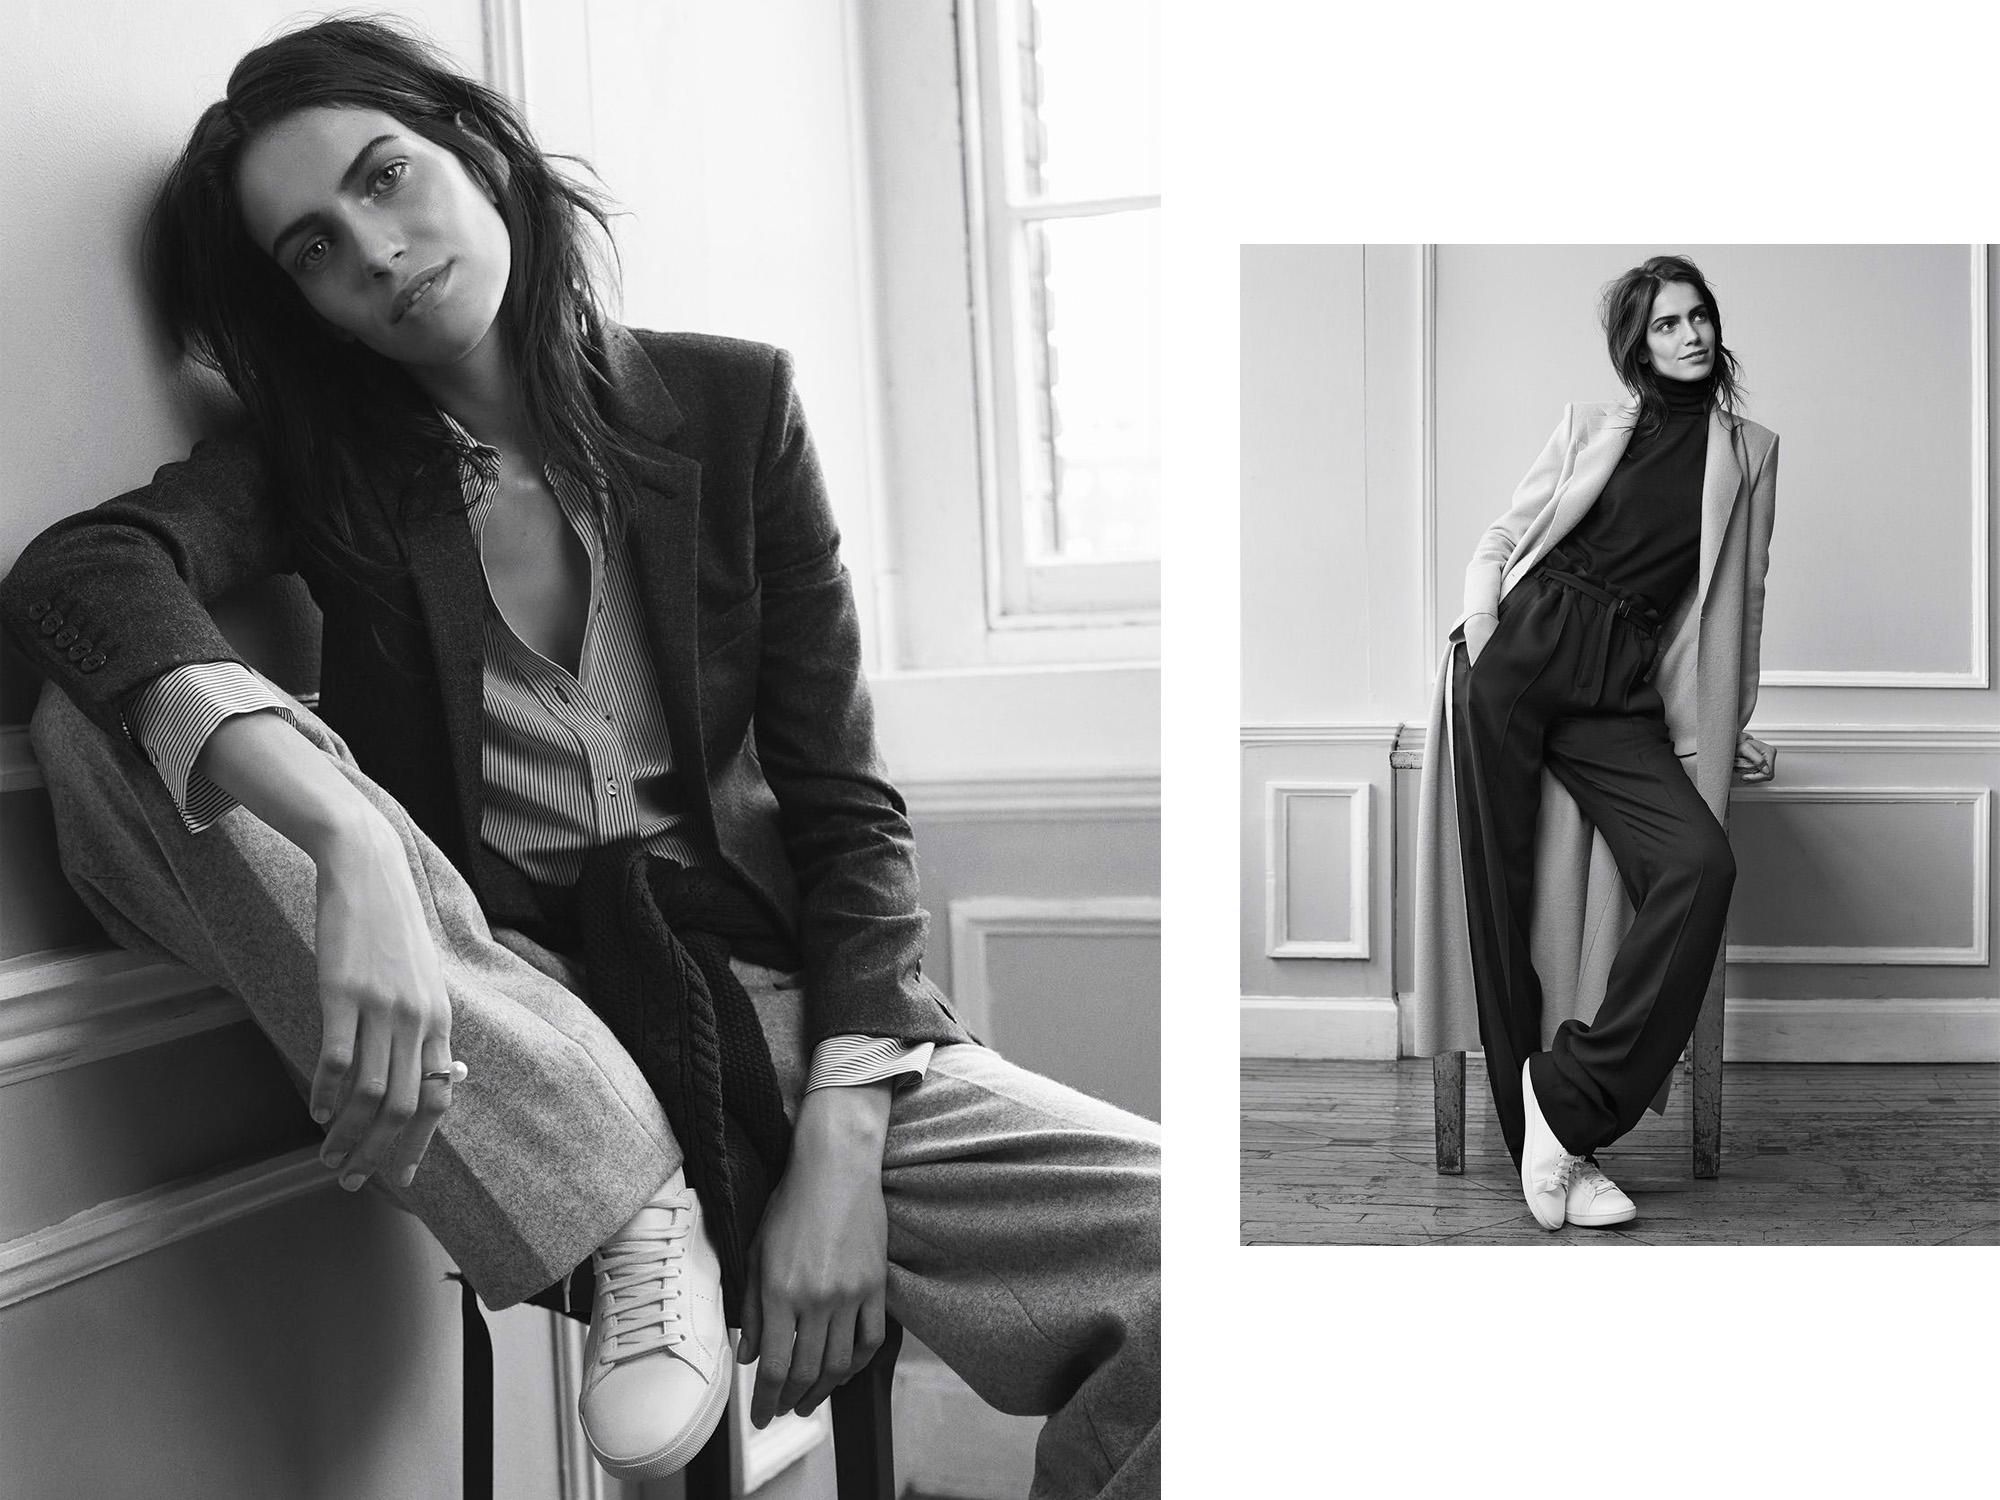 Clochet_Amanda_Wellsh_by_Benny_Horne_Vogue_Spain_September_2014_14